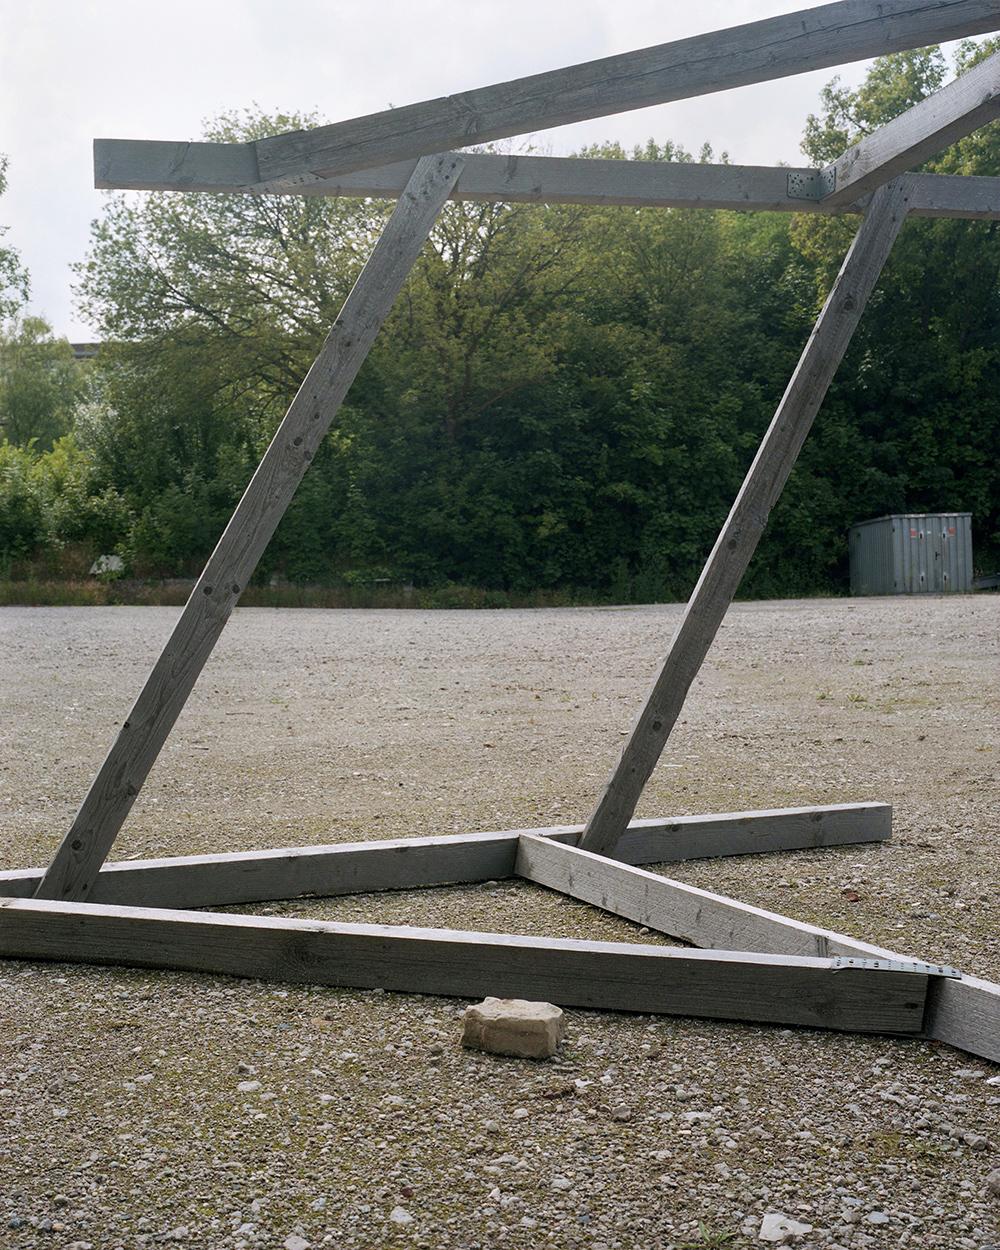 Fragment konstrukcji zdrewna onieregularnym kształcie. Stoi naziemi wysypanej żwirem. Zanią rosną zielone drzewa. Poprawej stronie, stoi garaż zblachy.